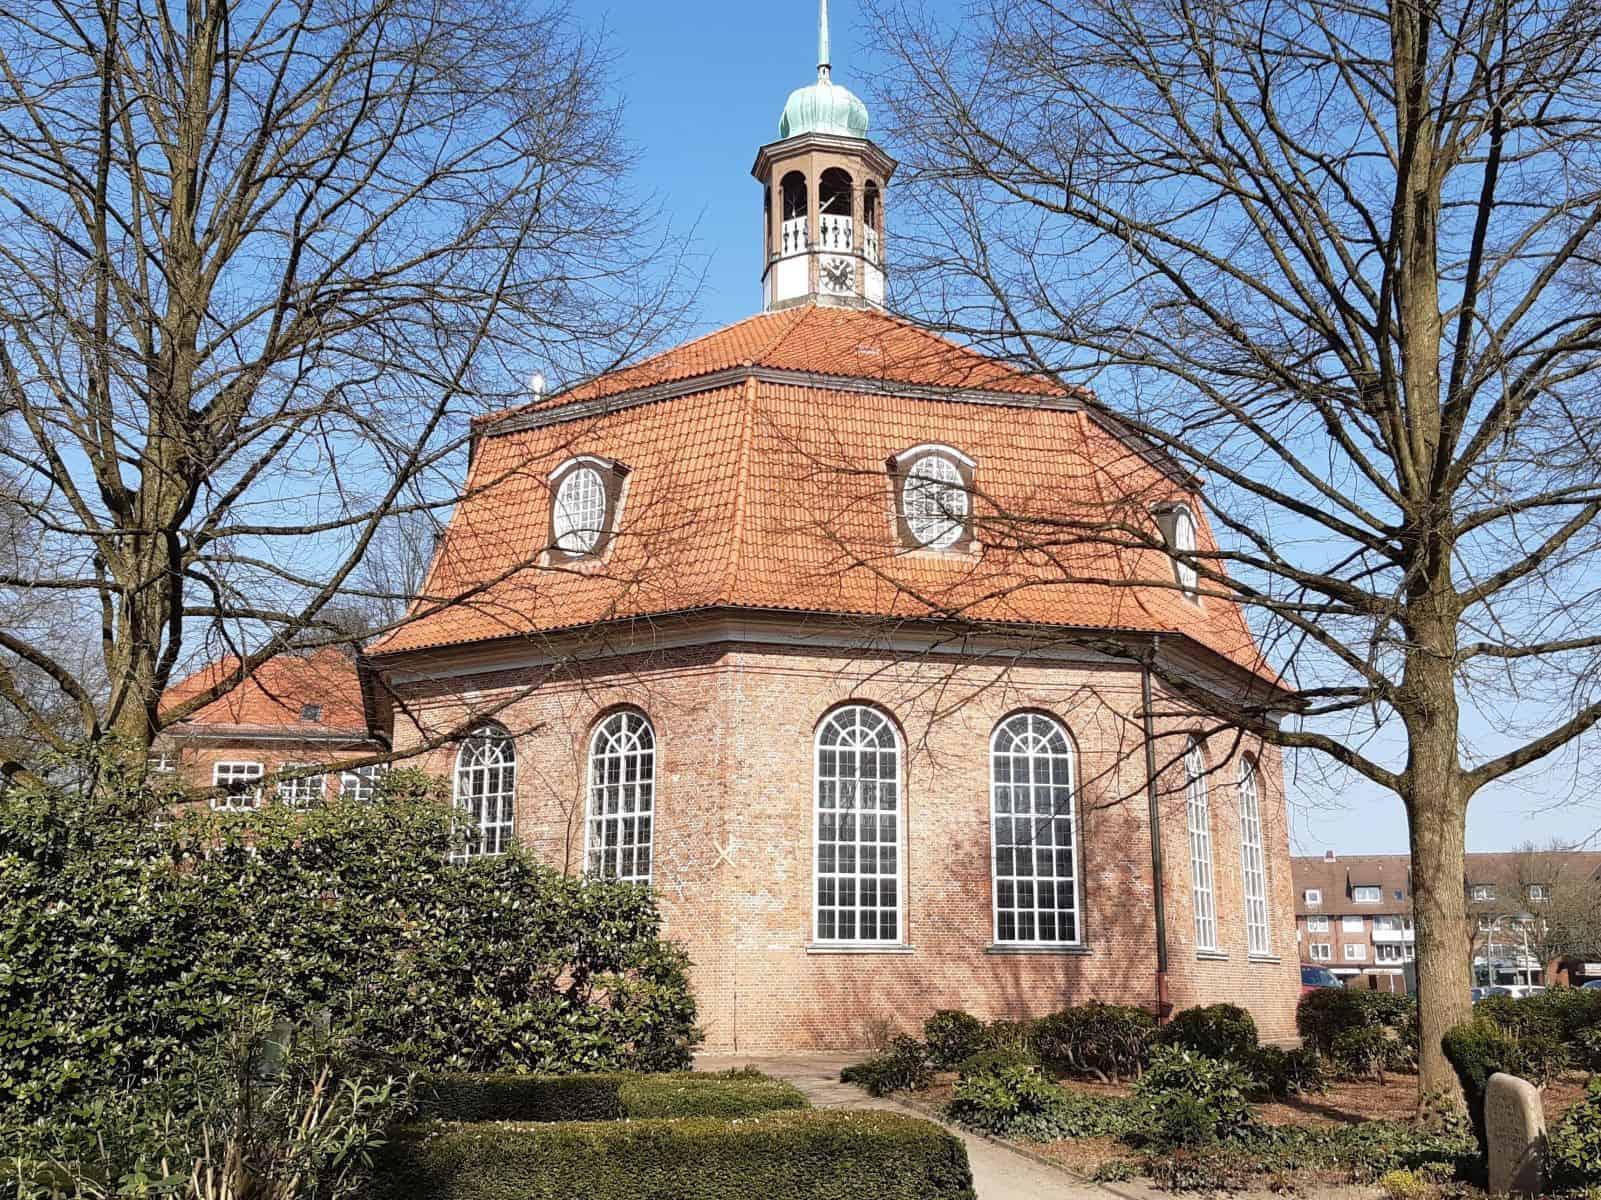 Niendorf church